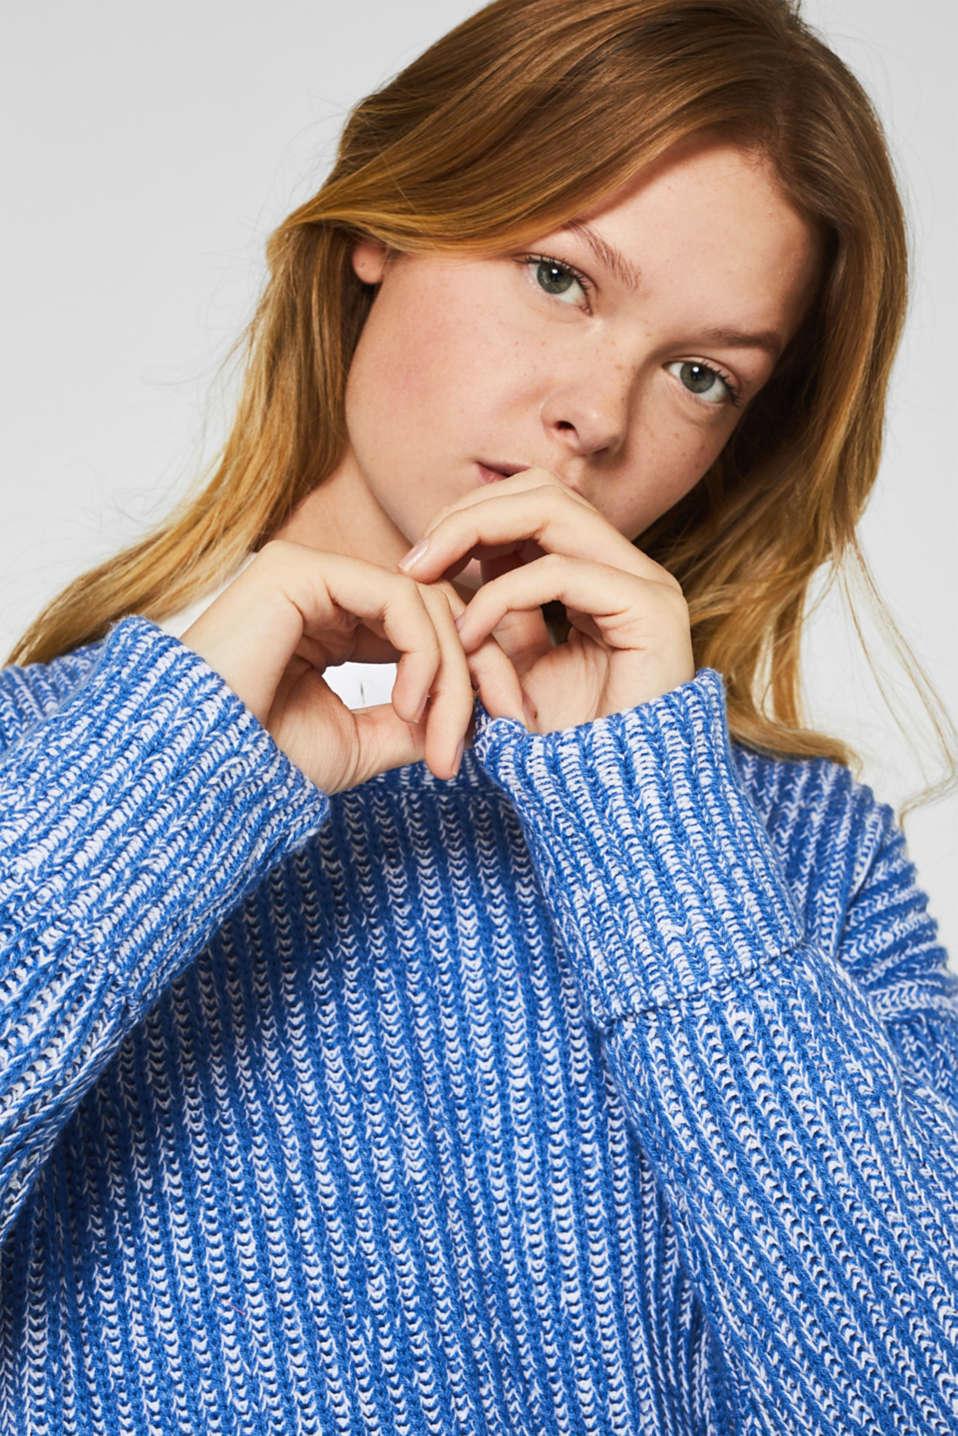 Melange chunky knit jumper, BRIGHT BLUE 2, detail image number 3